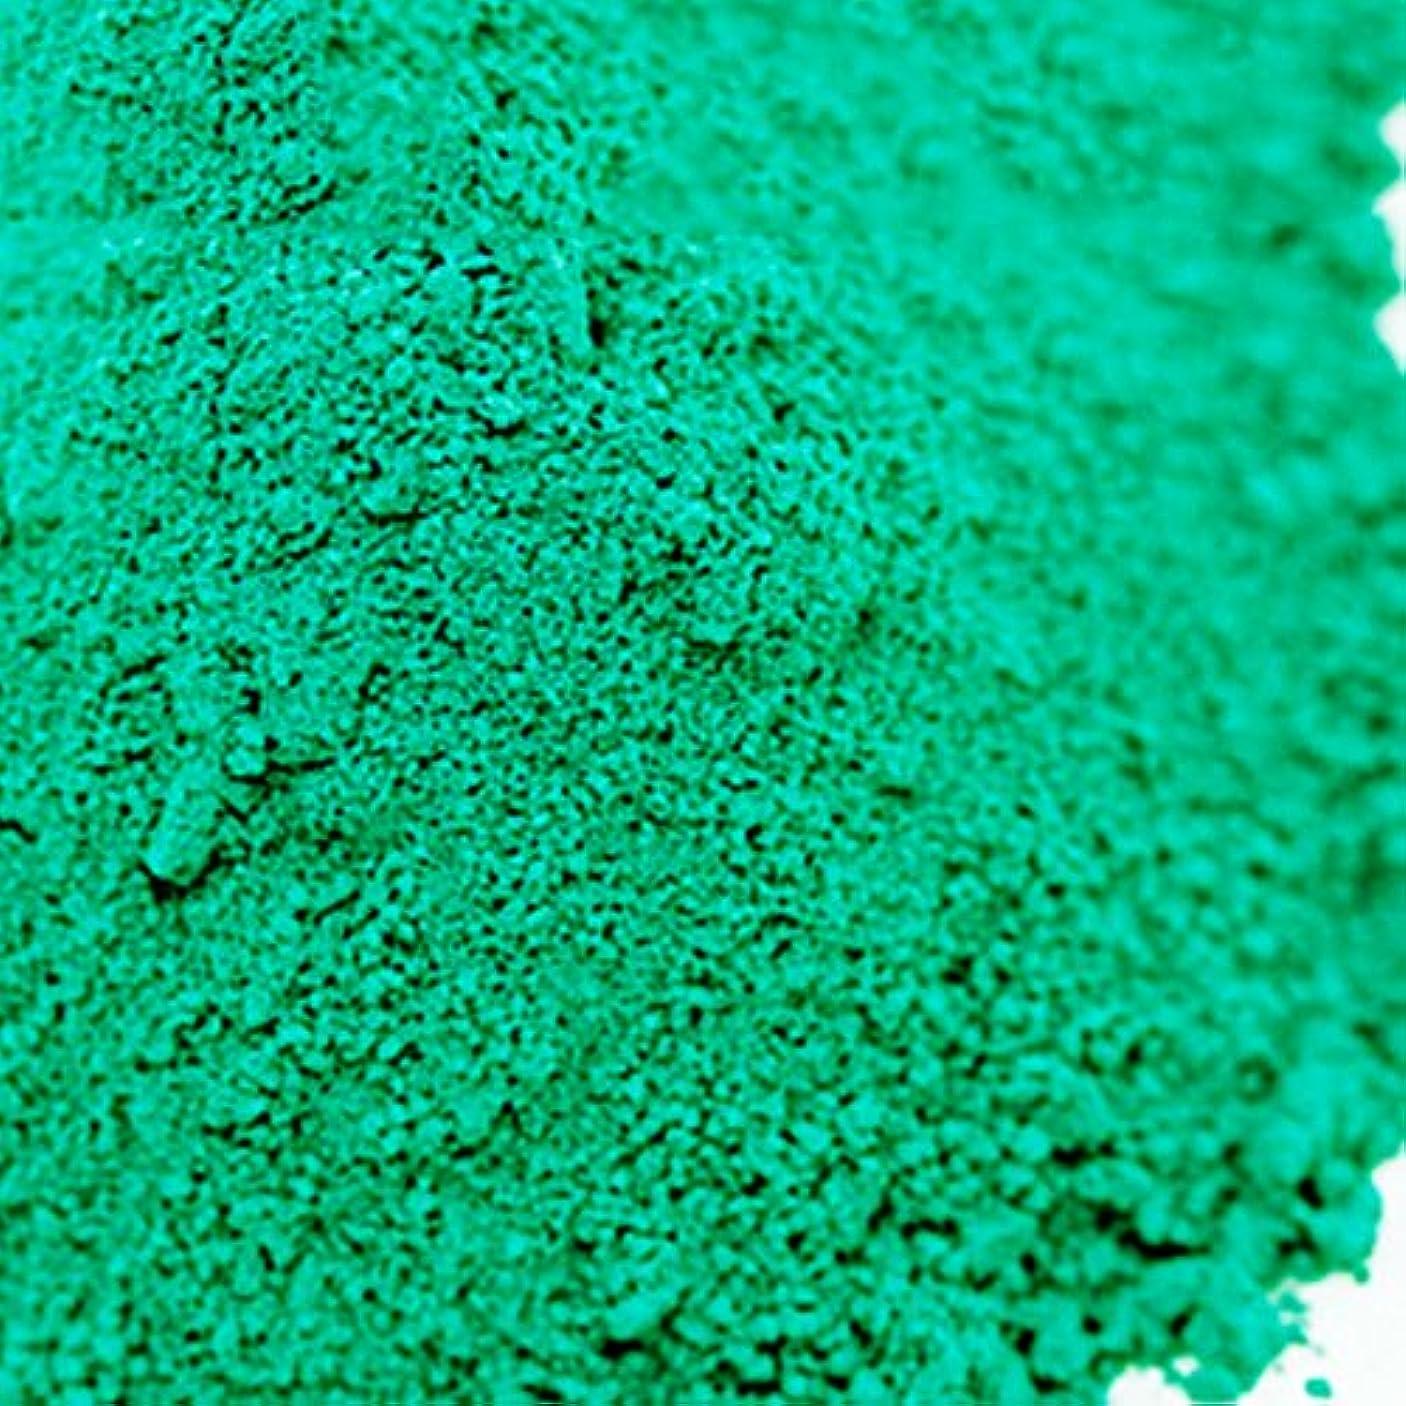 クルーダムコピー水酸化クロム グリーン 5g 【手作り石鹸/手作りコスメ/色付け/カラーラント/緑】